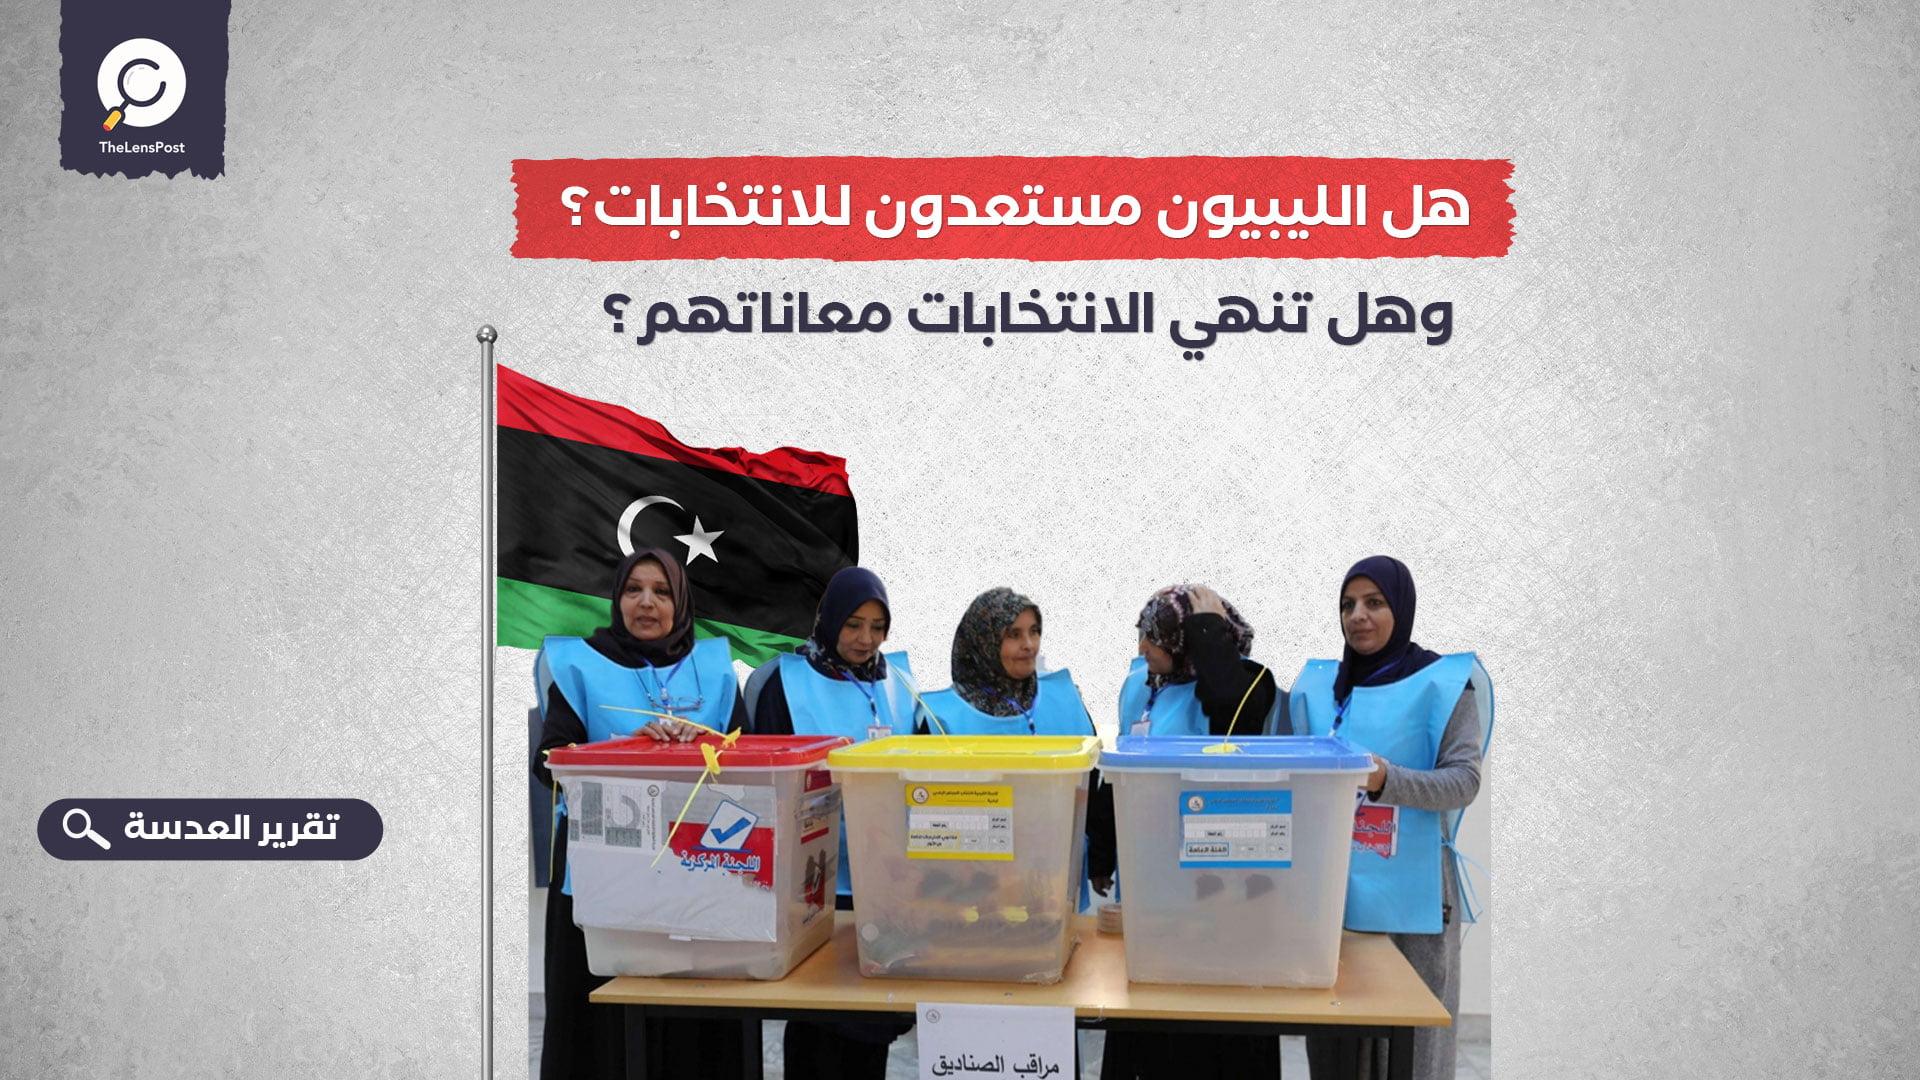 هل الليبيون مستعدون للانتخابات؟ وهل تنهي الانتخابات معاناتهم؟